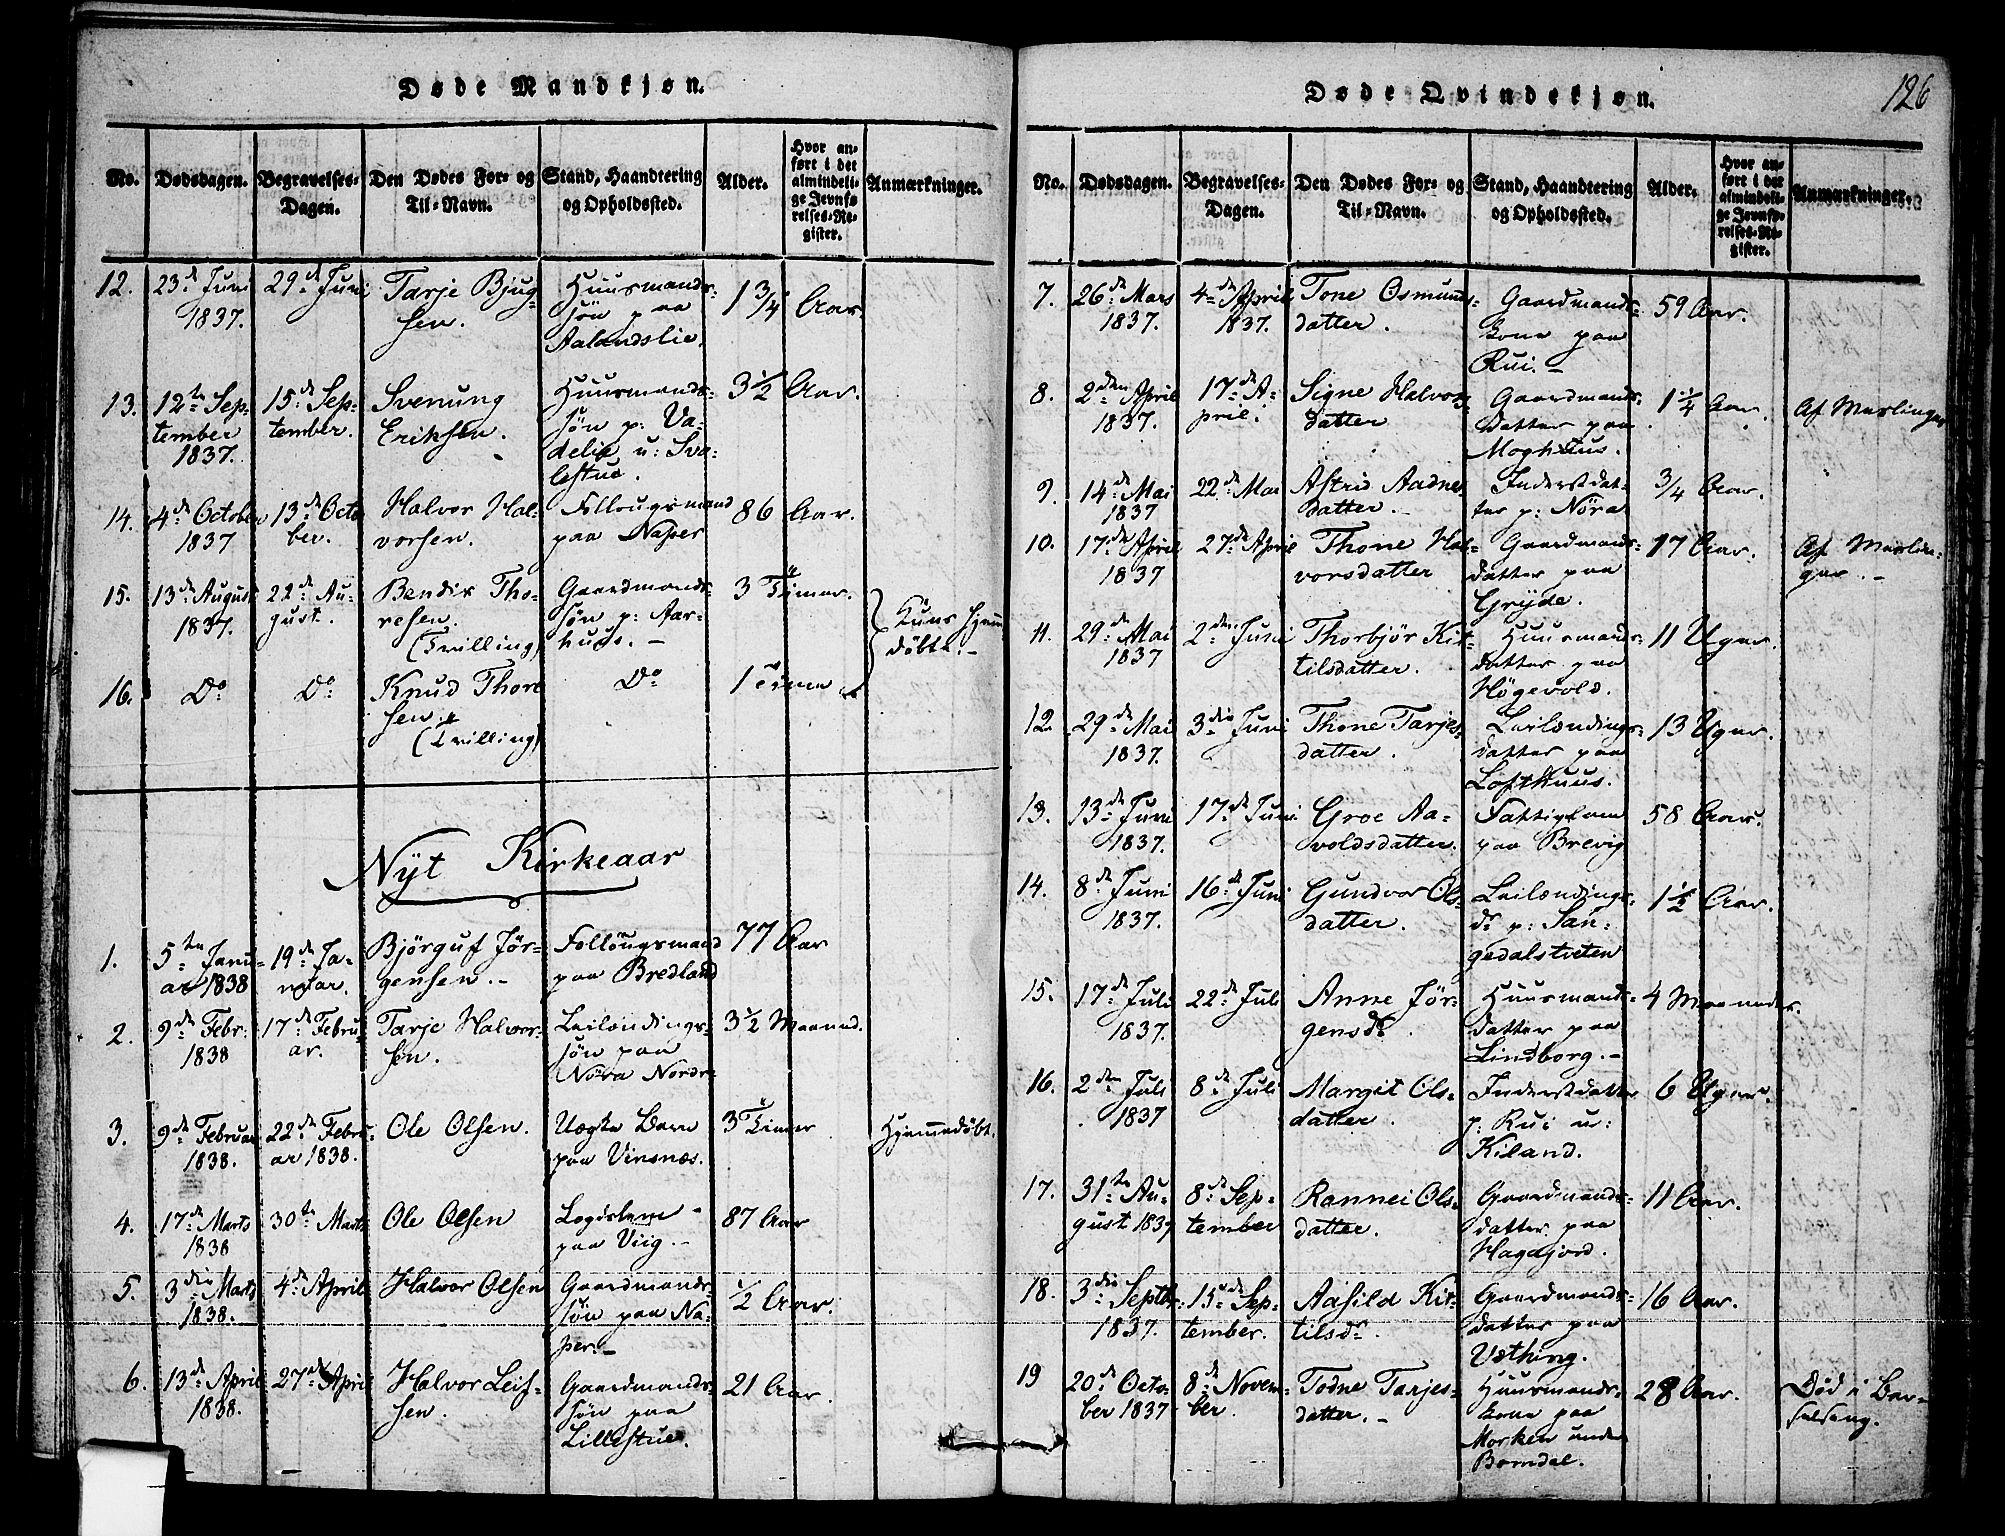 SAKO, Fyresdal kirkebøker, F/Fa/L0003: Ministerialbok nr. I 3, 1815-1840, s. 126